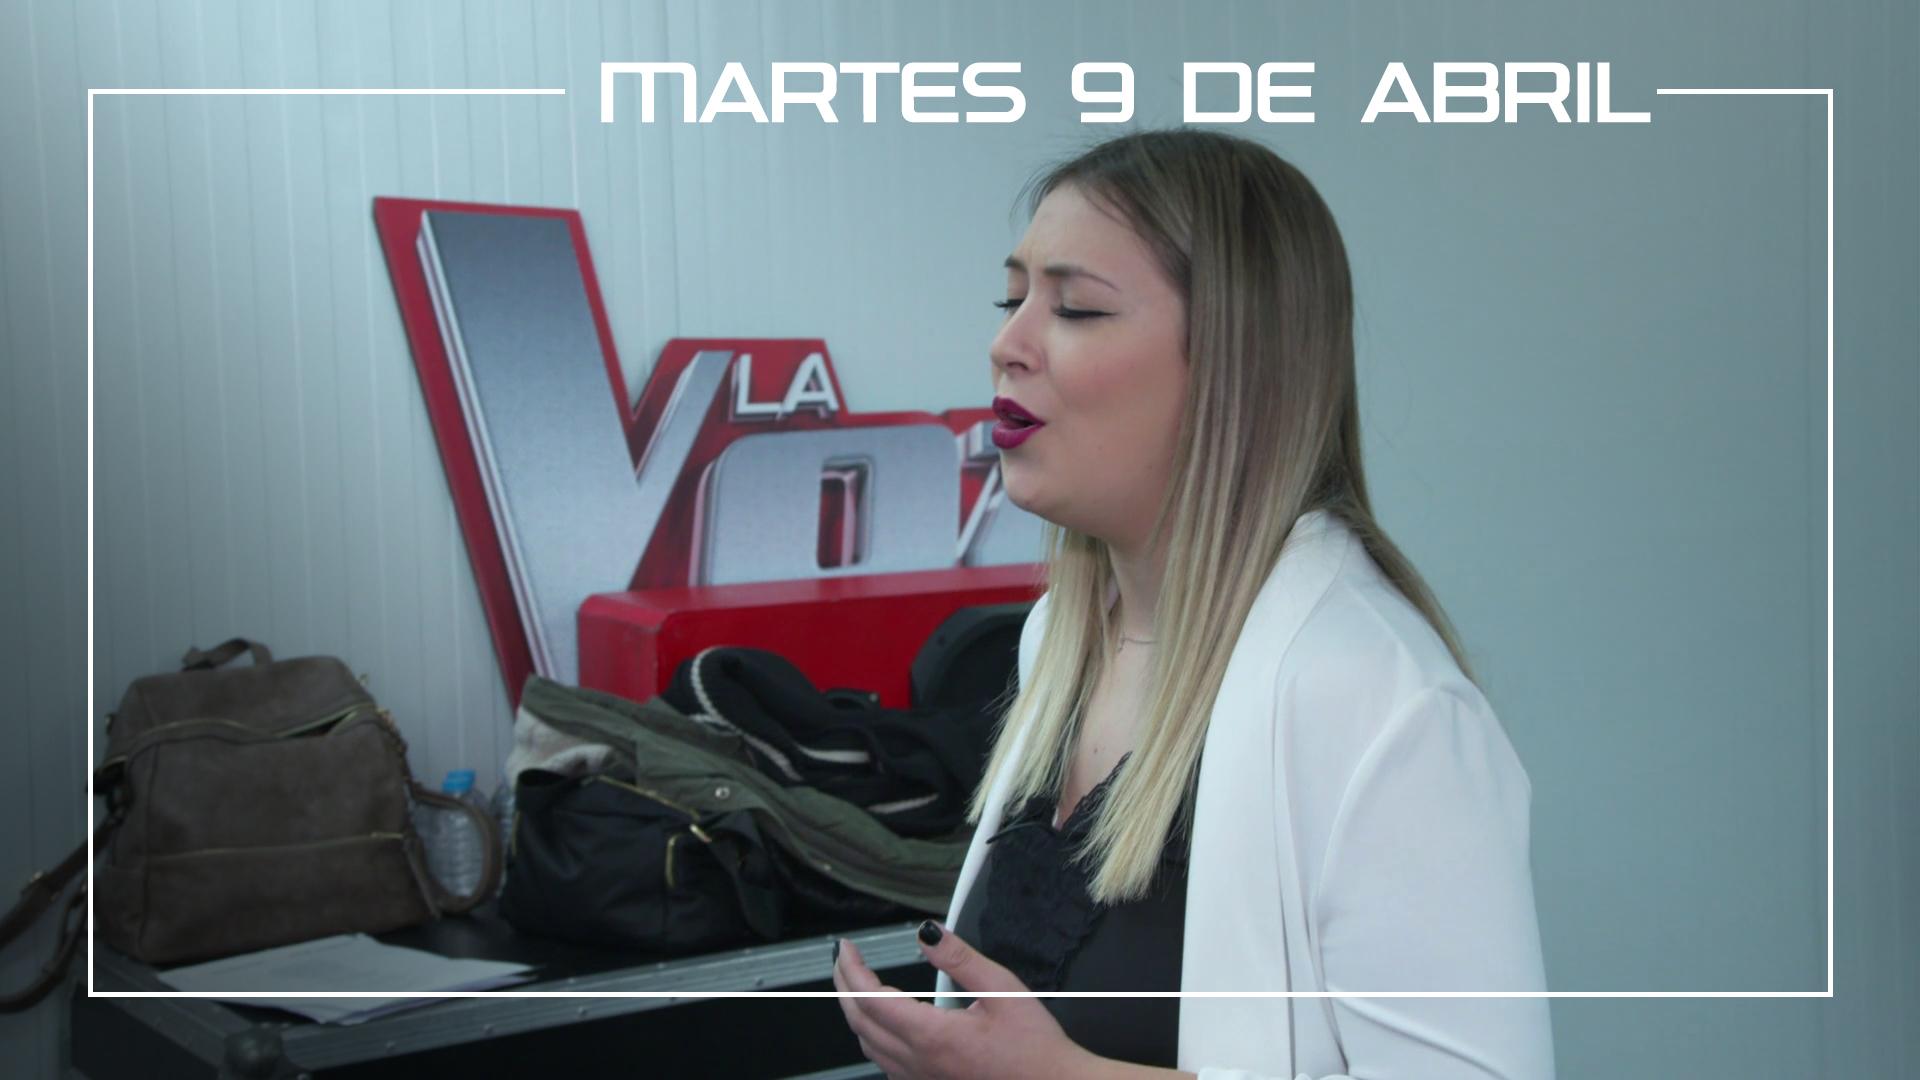 Martes 9 de abril María Espinosa ensaya 'Héroes' de David Bustamante